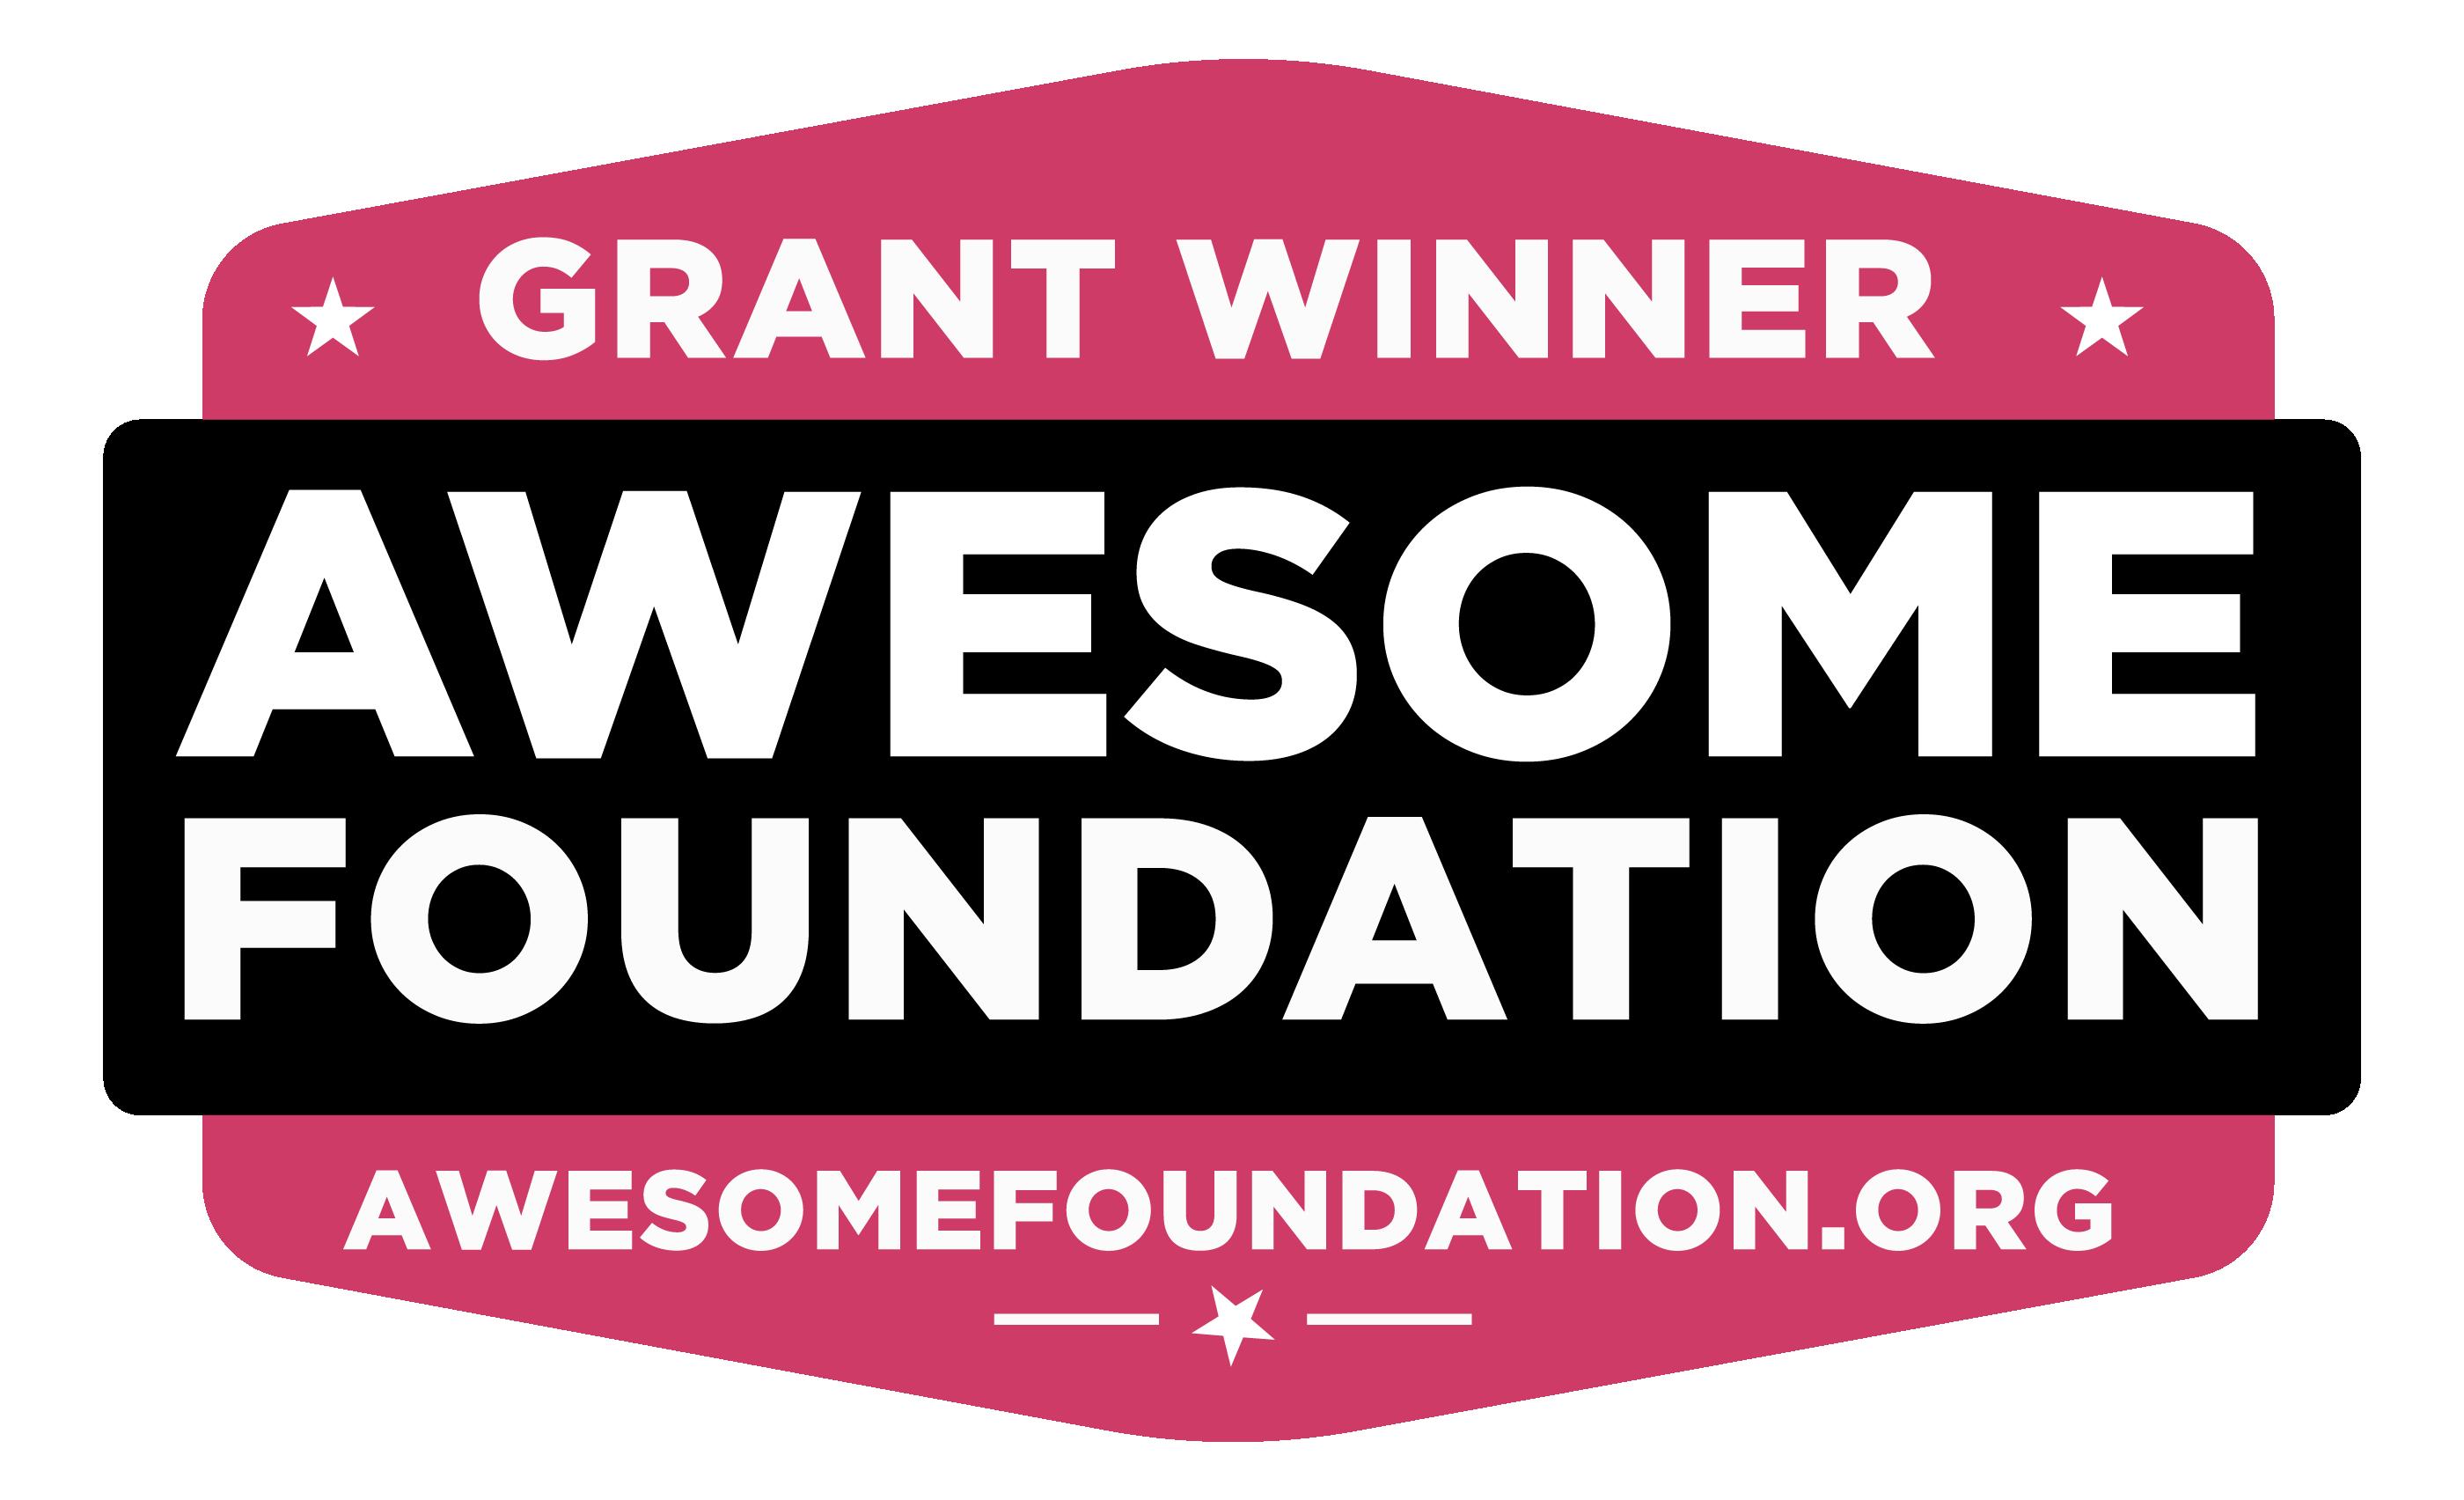 Awesome Foundation